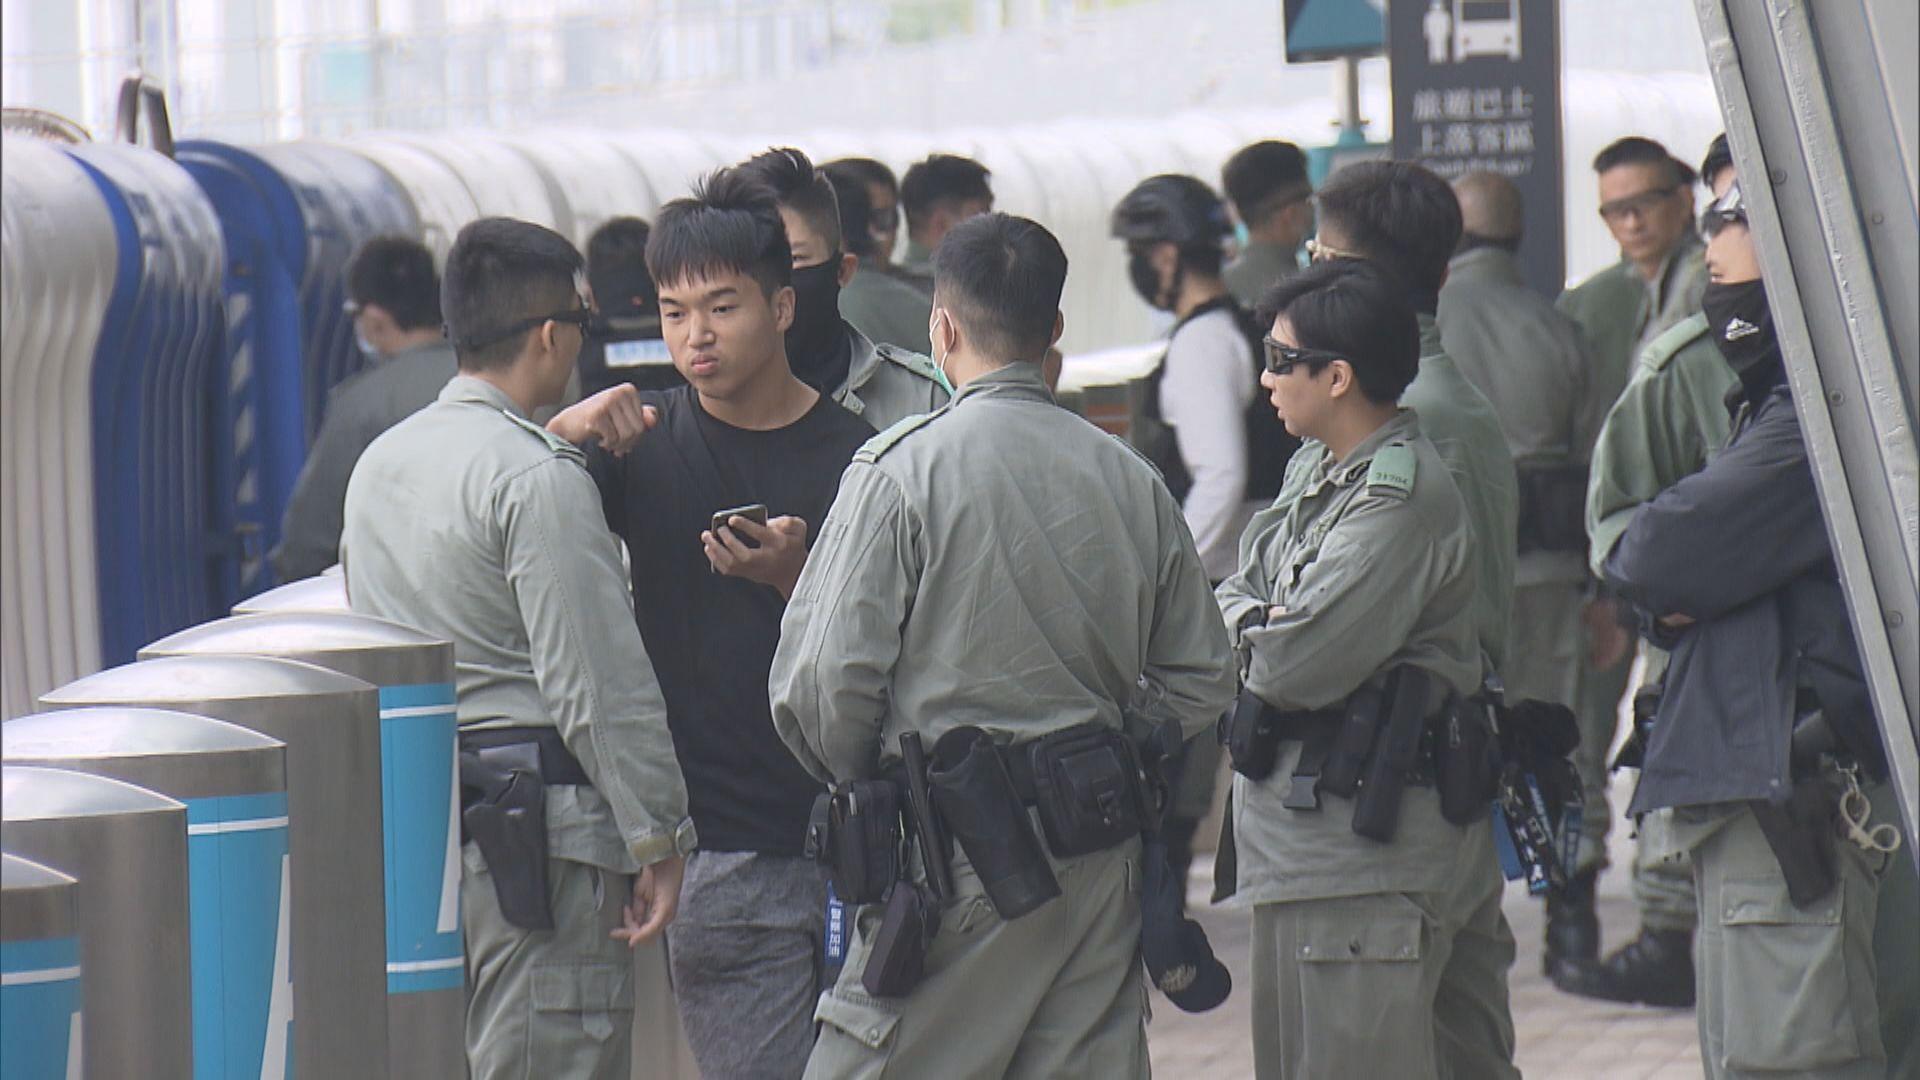 警員西九站外截查途人 一人被帶走